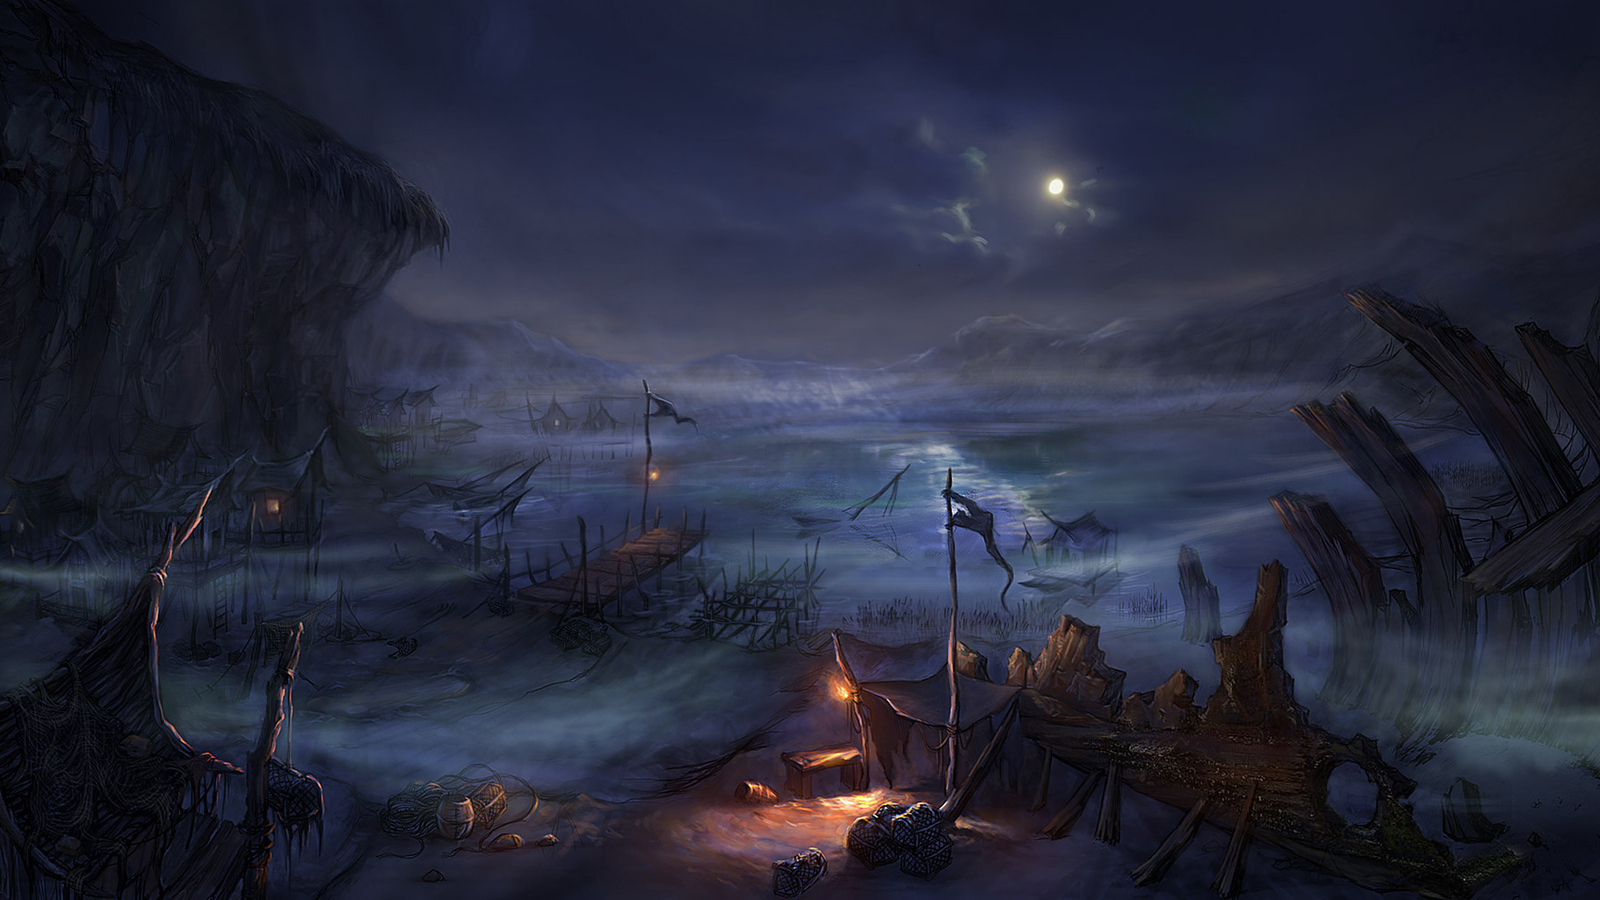 деревни, дома, пожар уничтожил судно, сеть передачи, лодки, озера, Ночь, луна